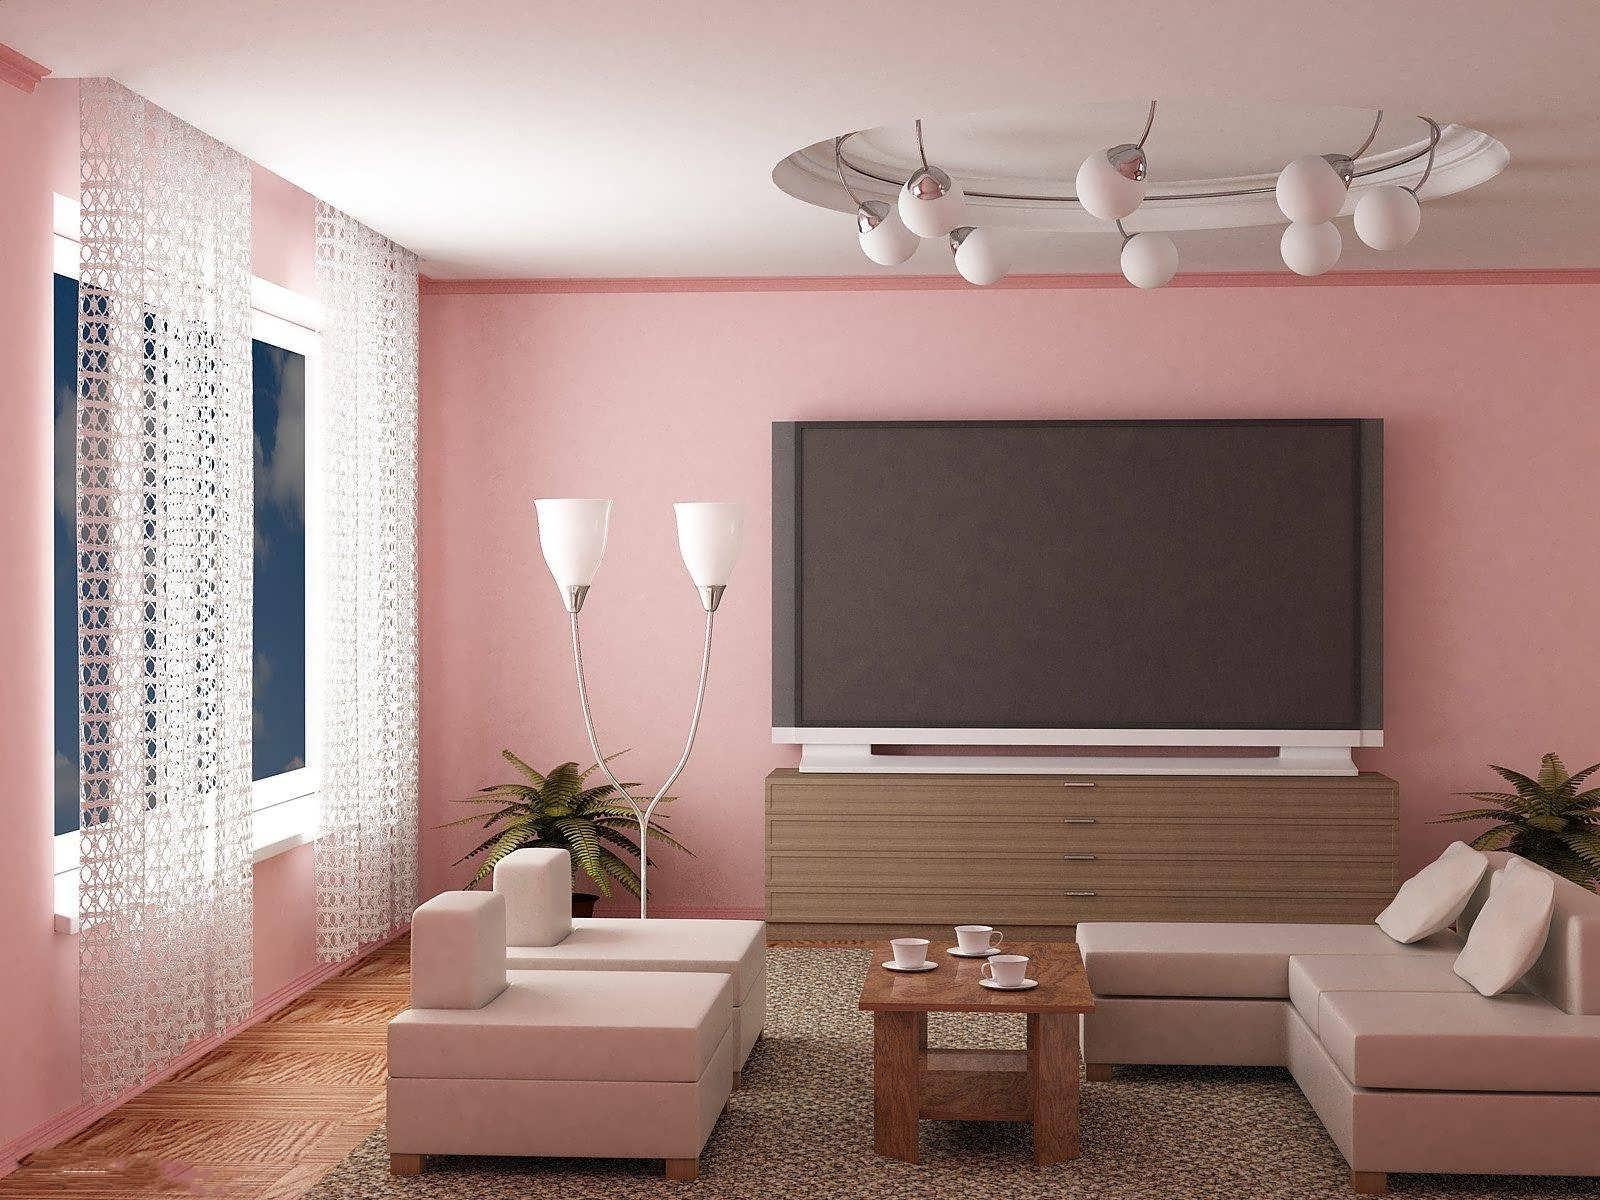 ترکیب رنگ صورتی و خاکستری در طراحی دکوراسیون منزل